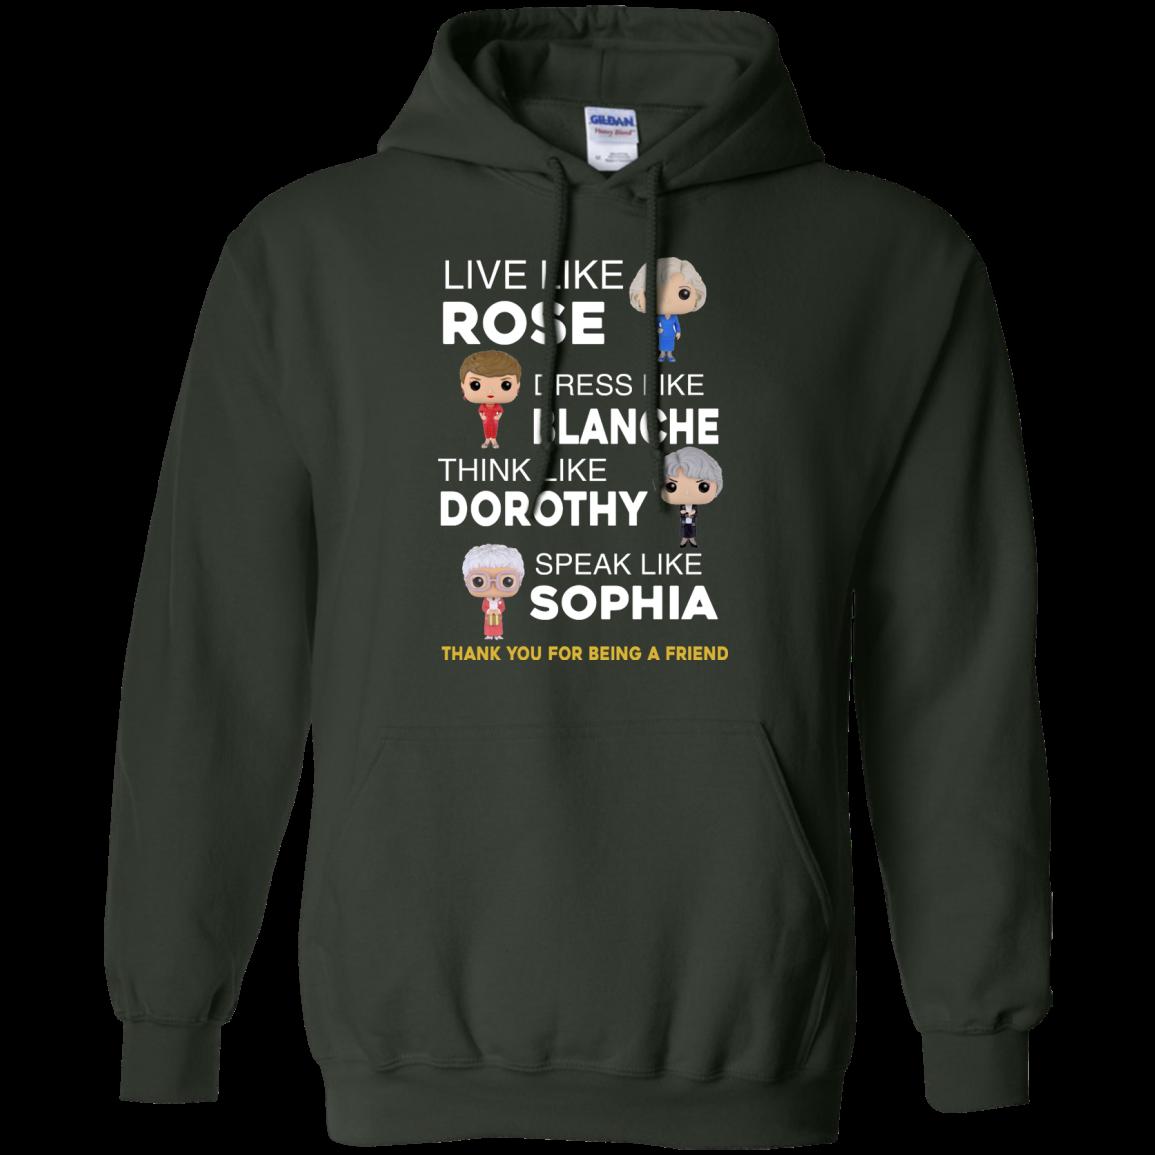 image 438px The Golden Girls: Live Like Rose Dress Like Blanche Think Like Dorothy Speak Like Sophia T Shirt